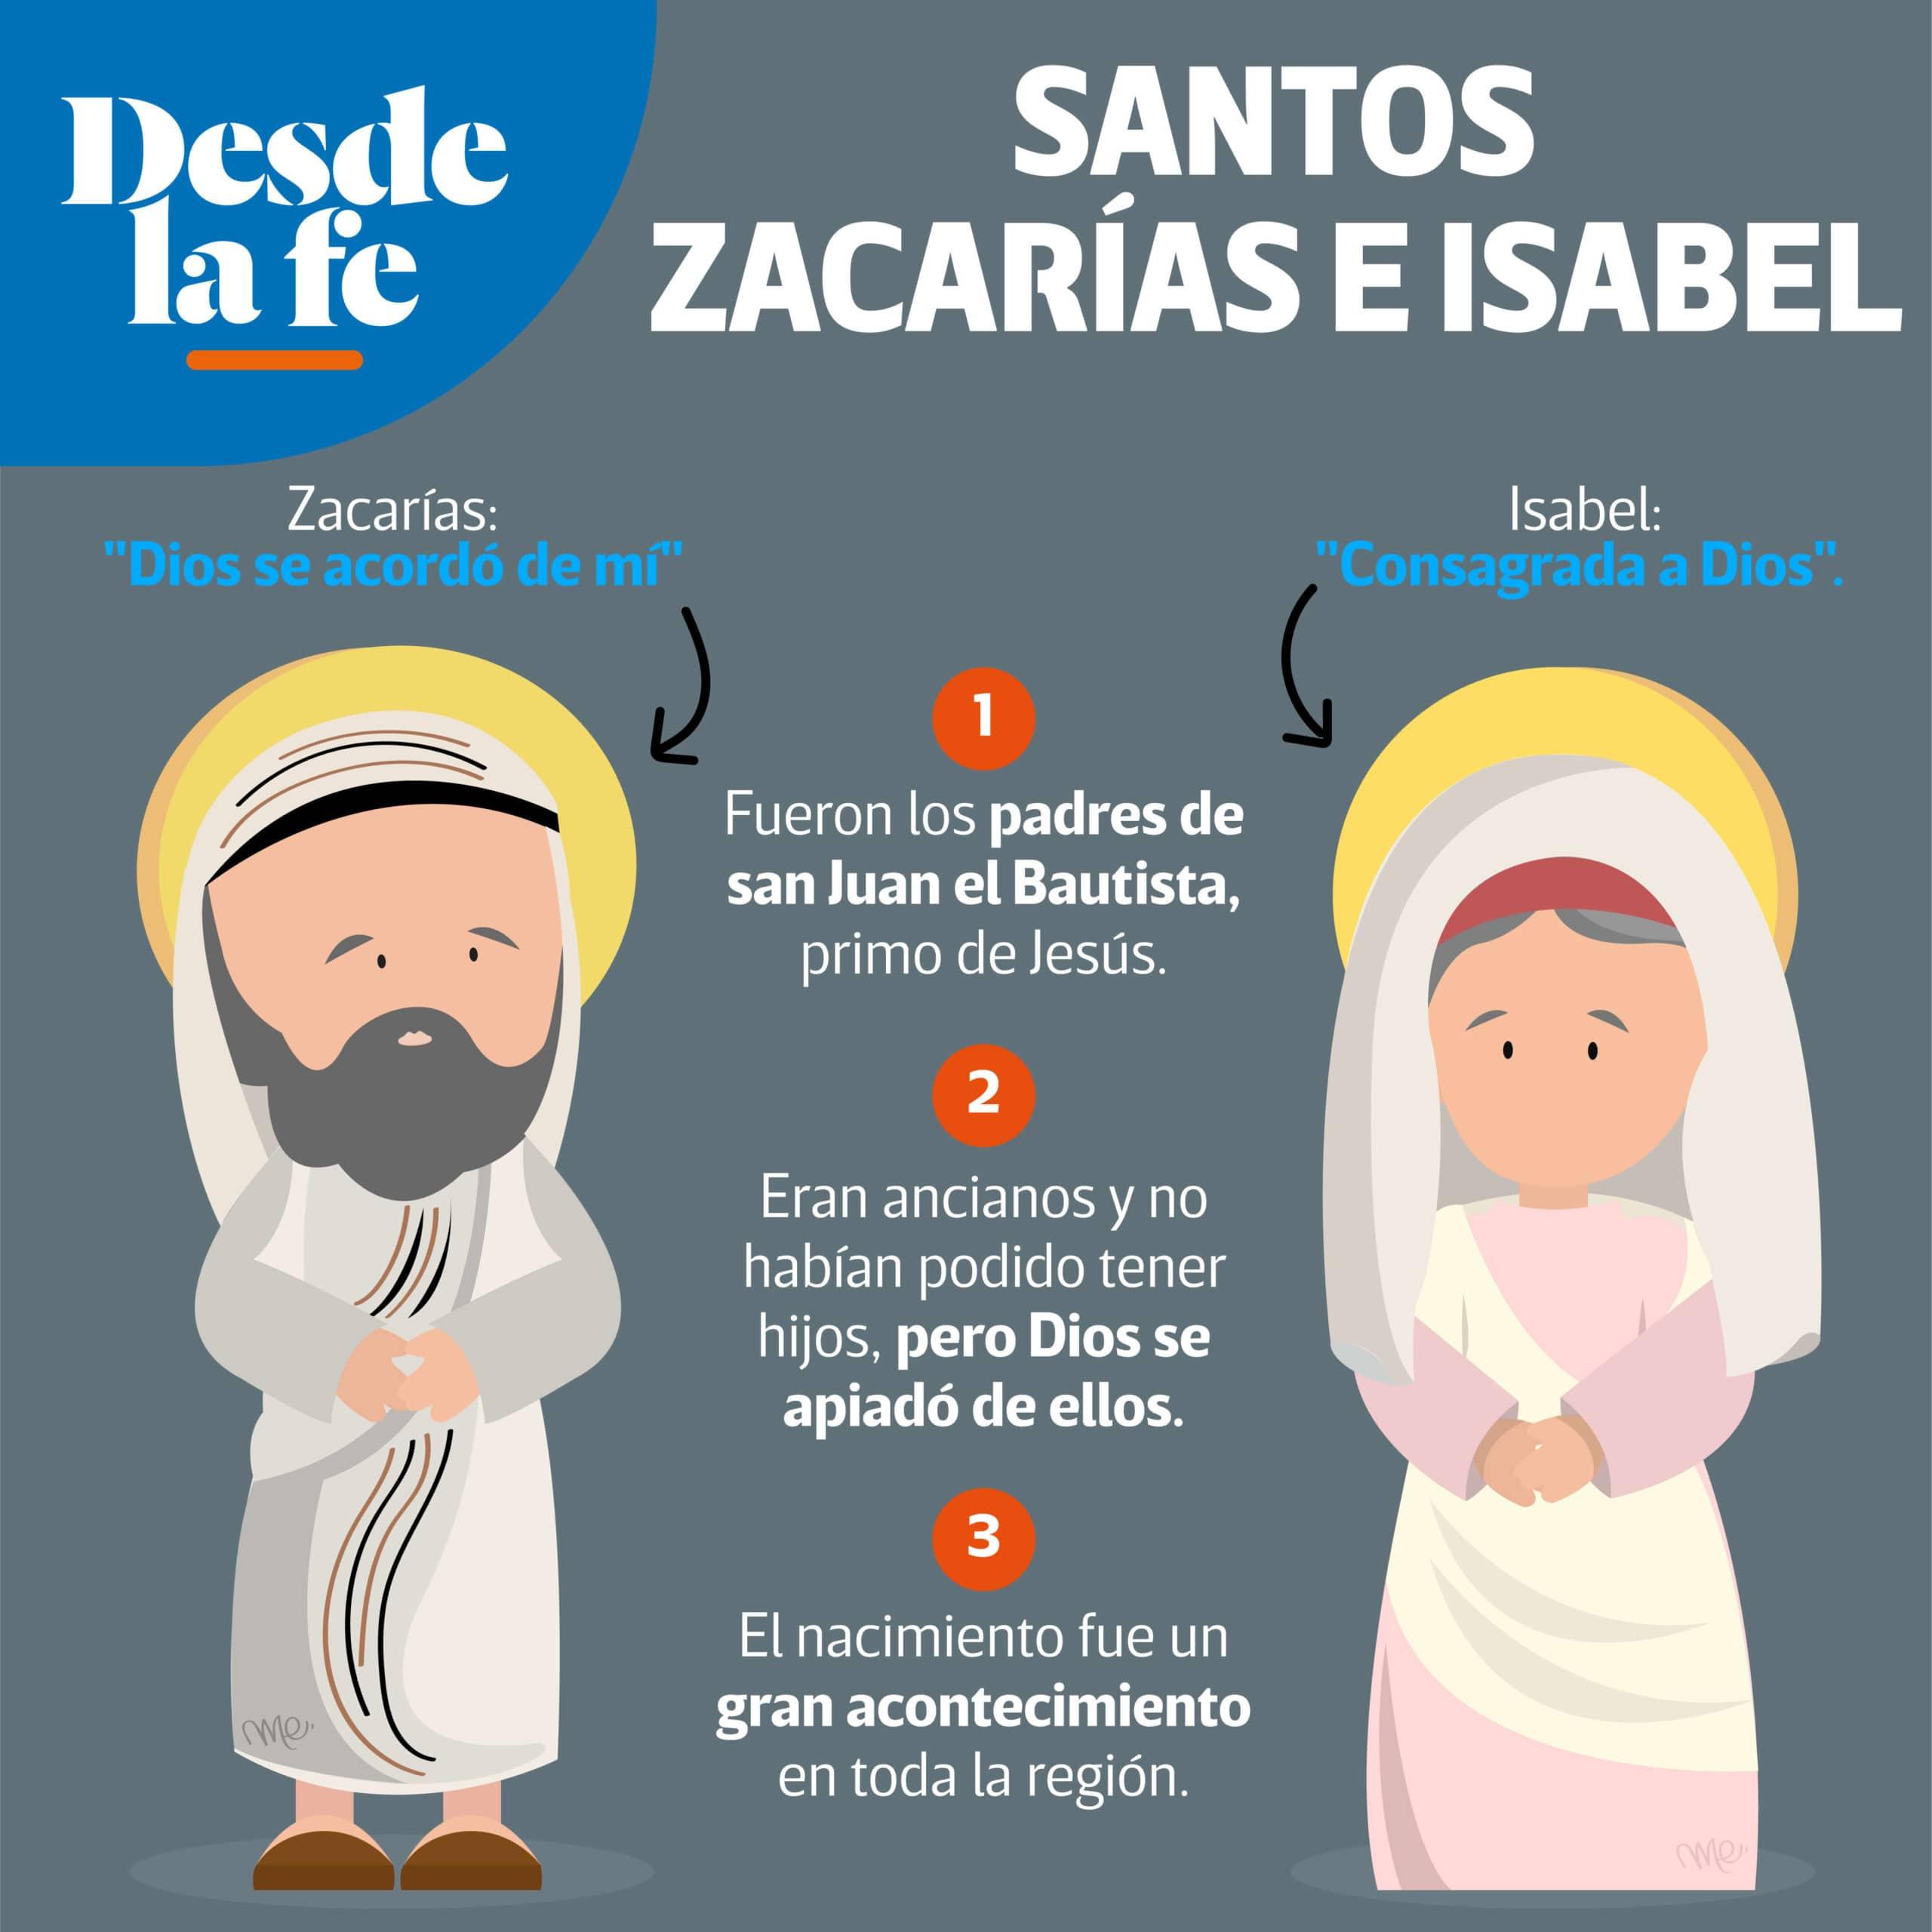 24 de junio: Celebramos la Natividad de san Juan Bautista